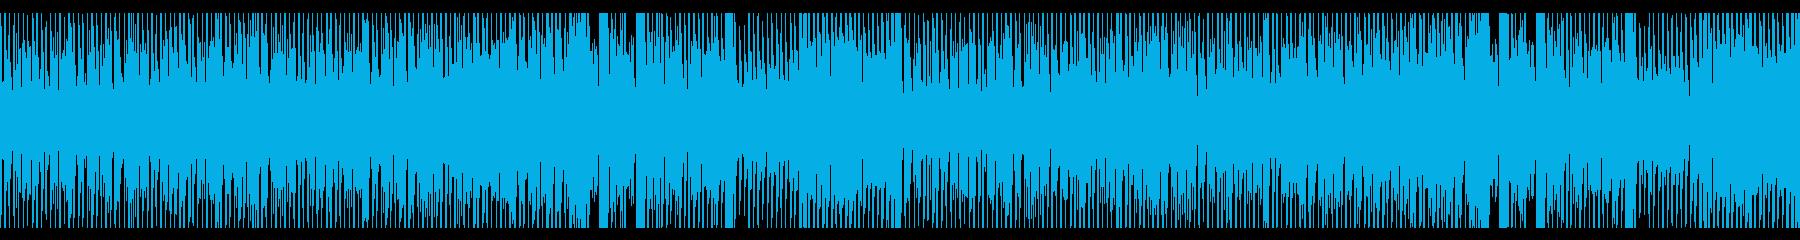 明るく爽やかなスウィング系エレクトロの再生済みの波形